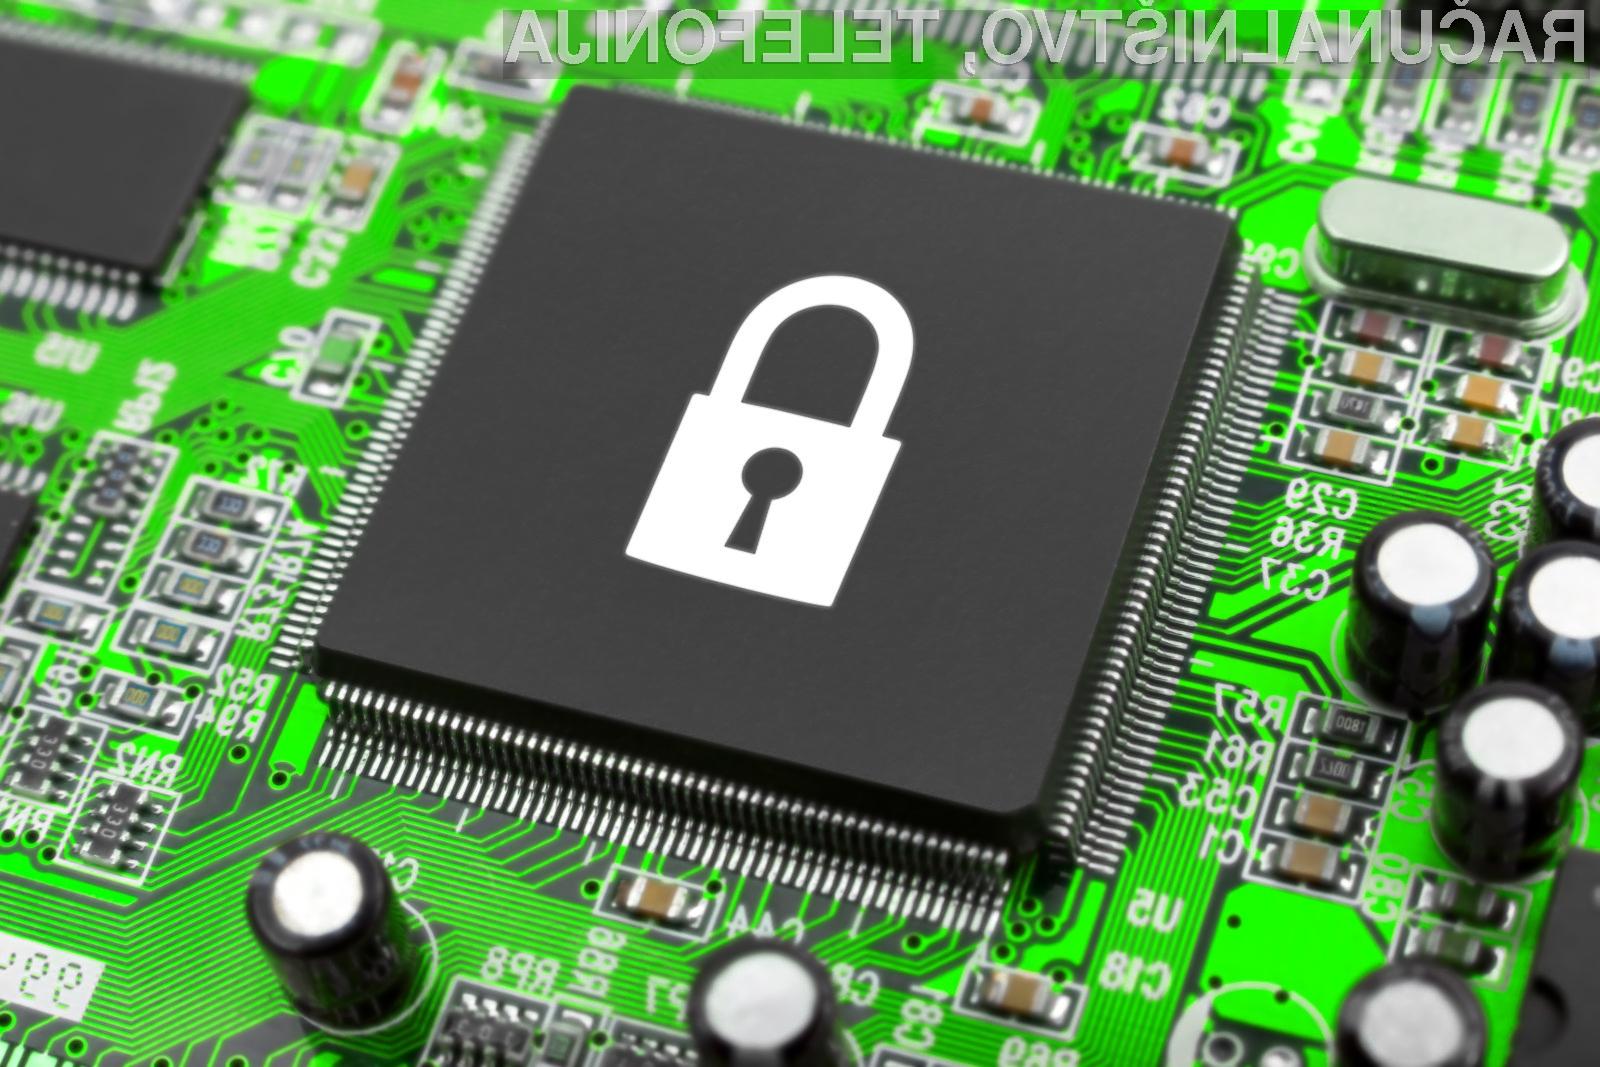 Podatke z naprav interneta stvari bi lahko zaščitili z ustreznim šifriranjem.